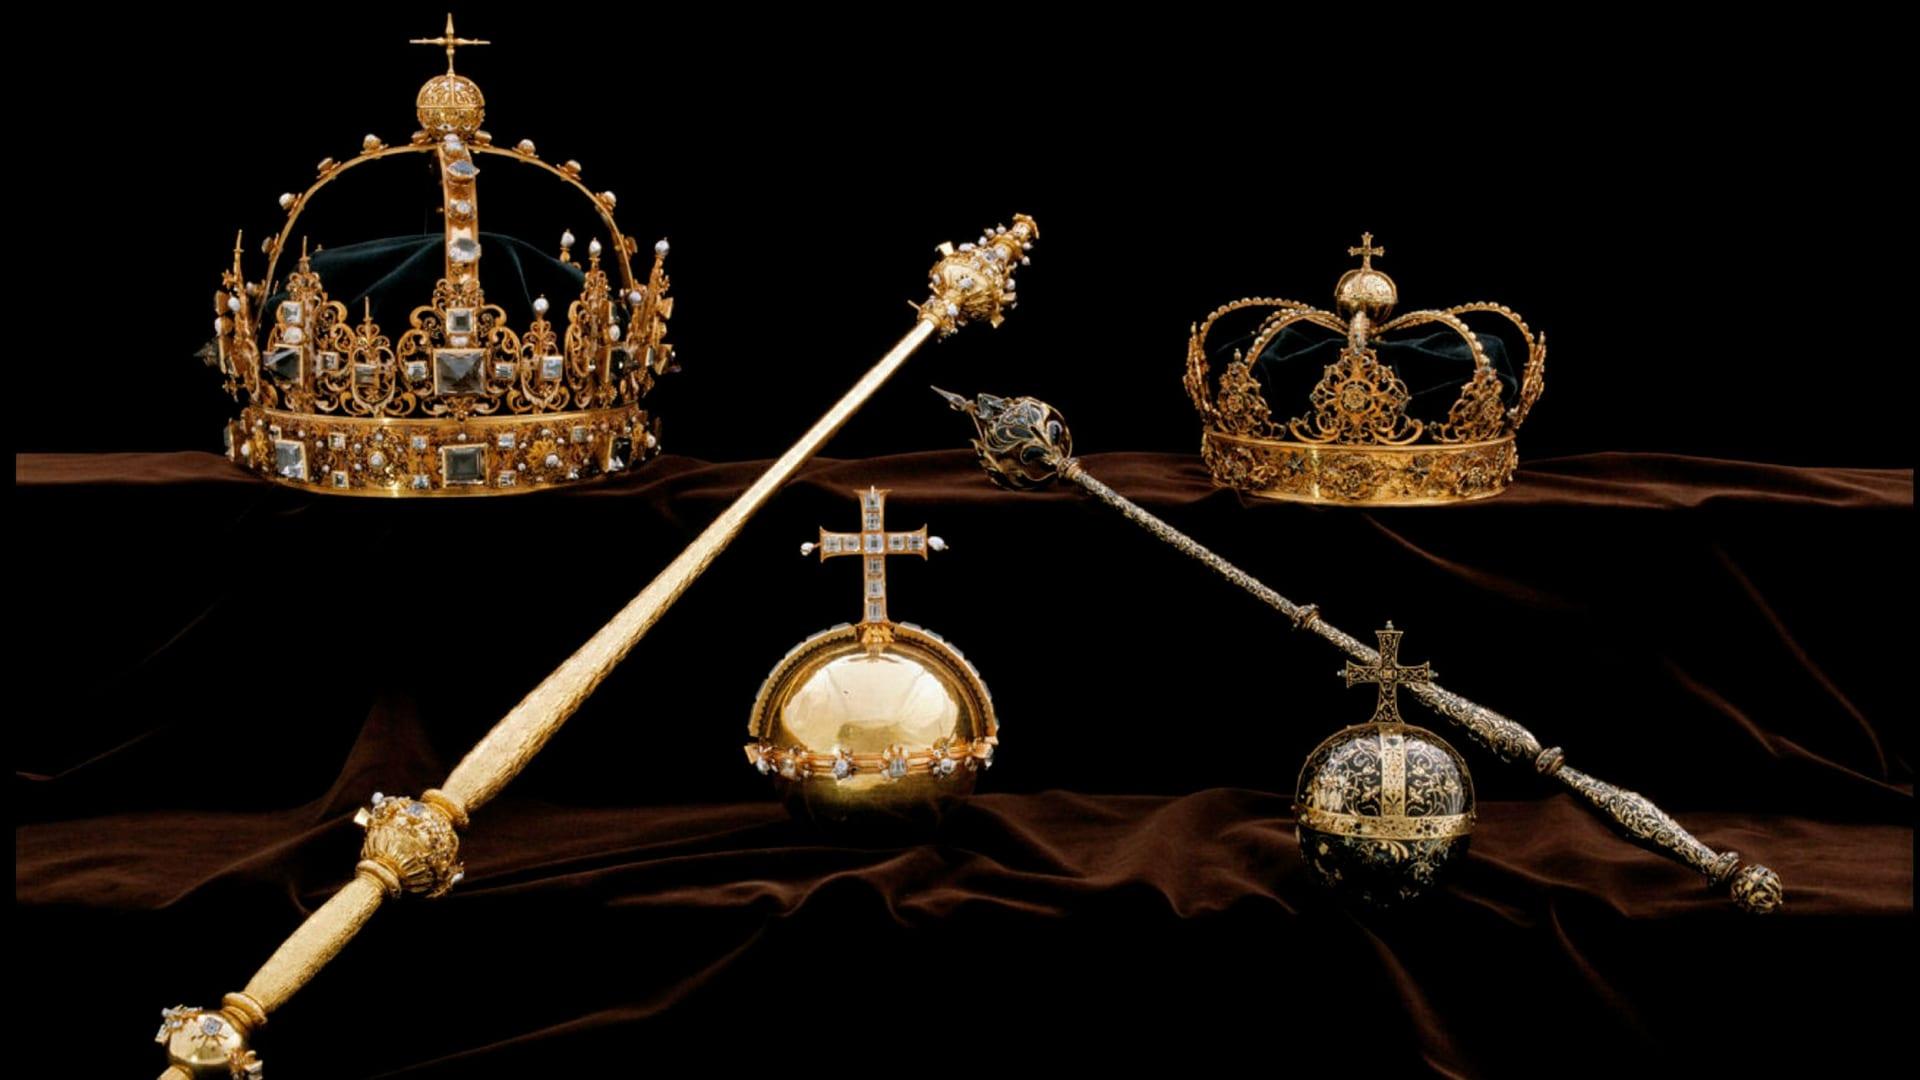 مجوهرات بحوزة العائلة الحاكمة بقطر تعرض للبيع.. فما قيمتها؟